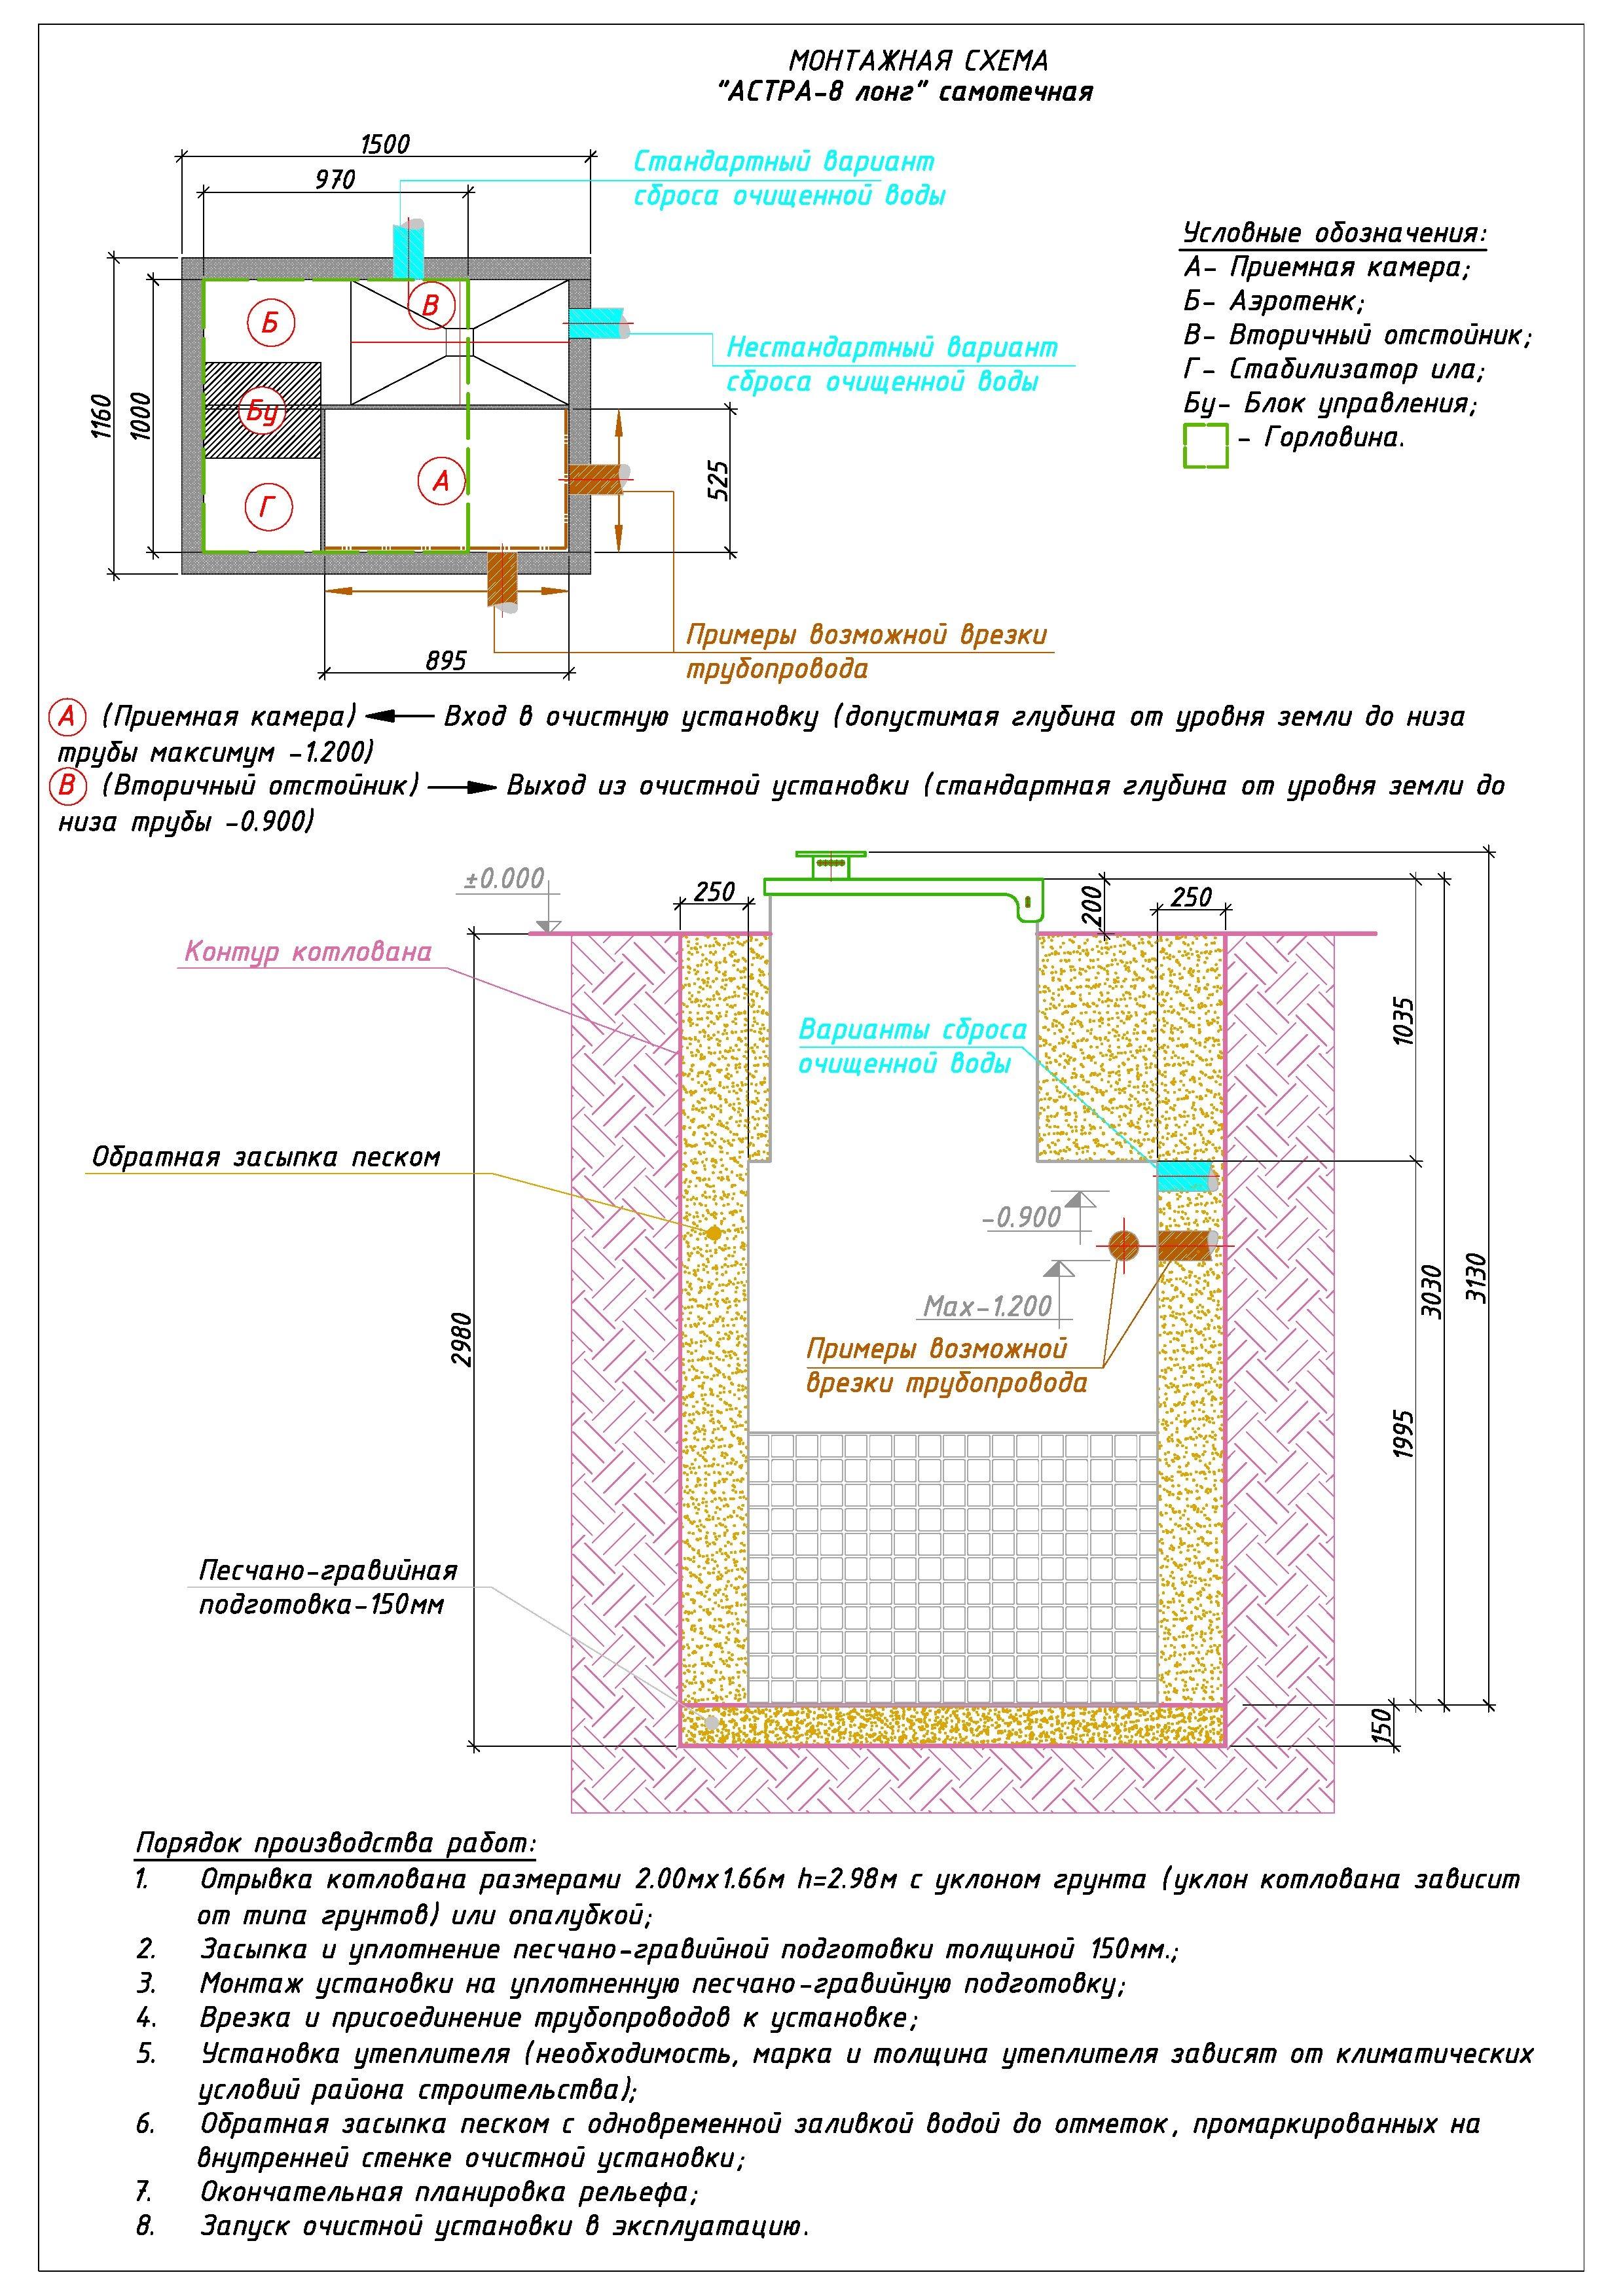 Схемы охранной сигнализации, примеры подключения.